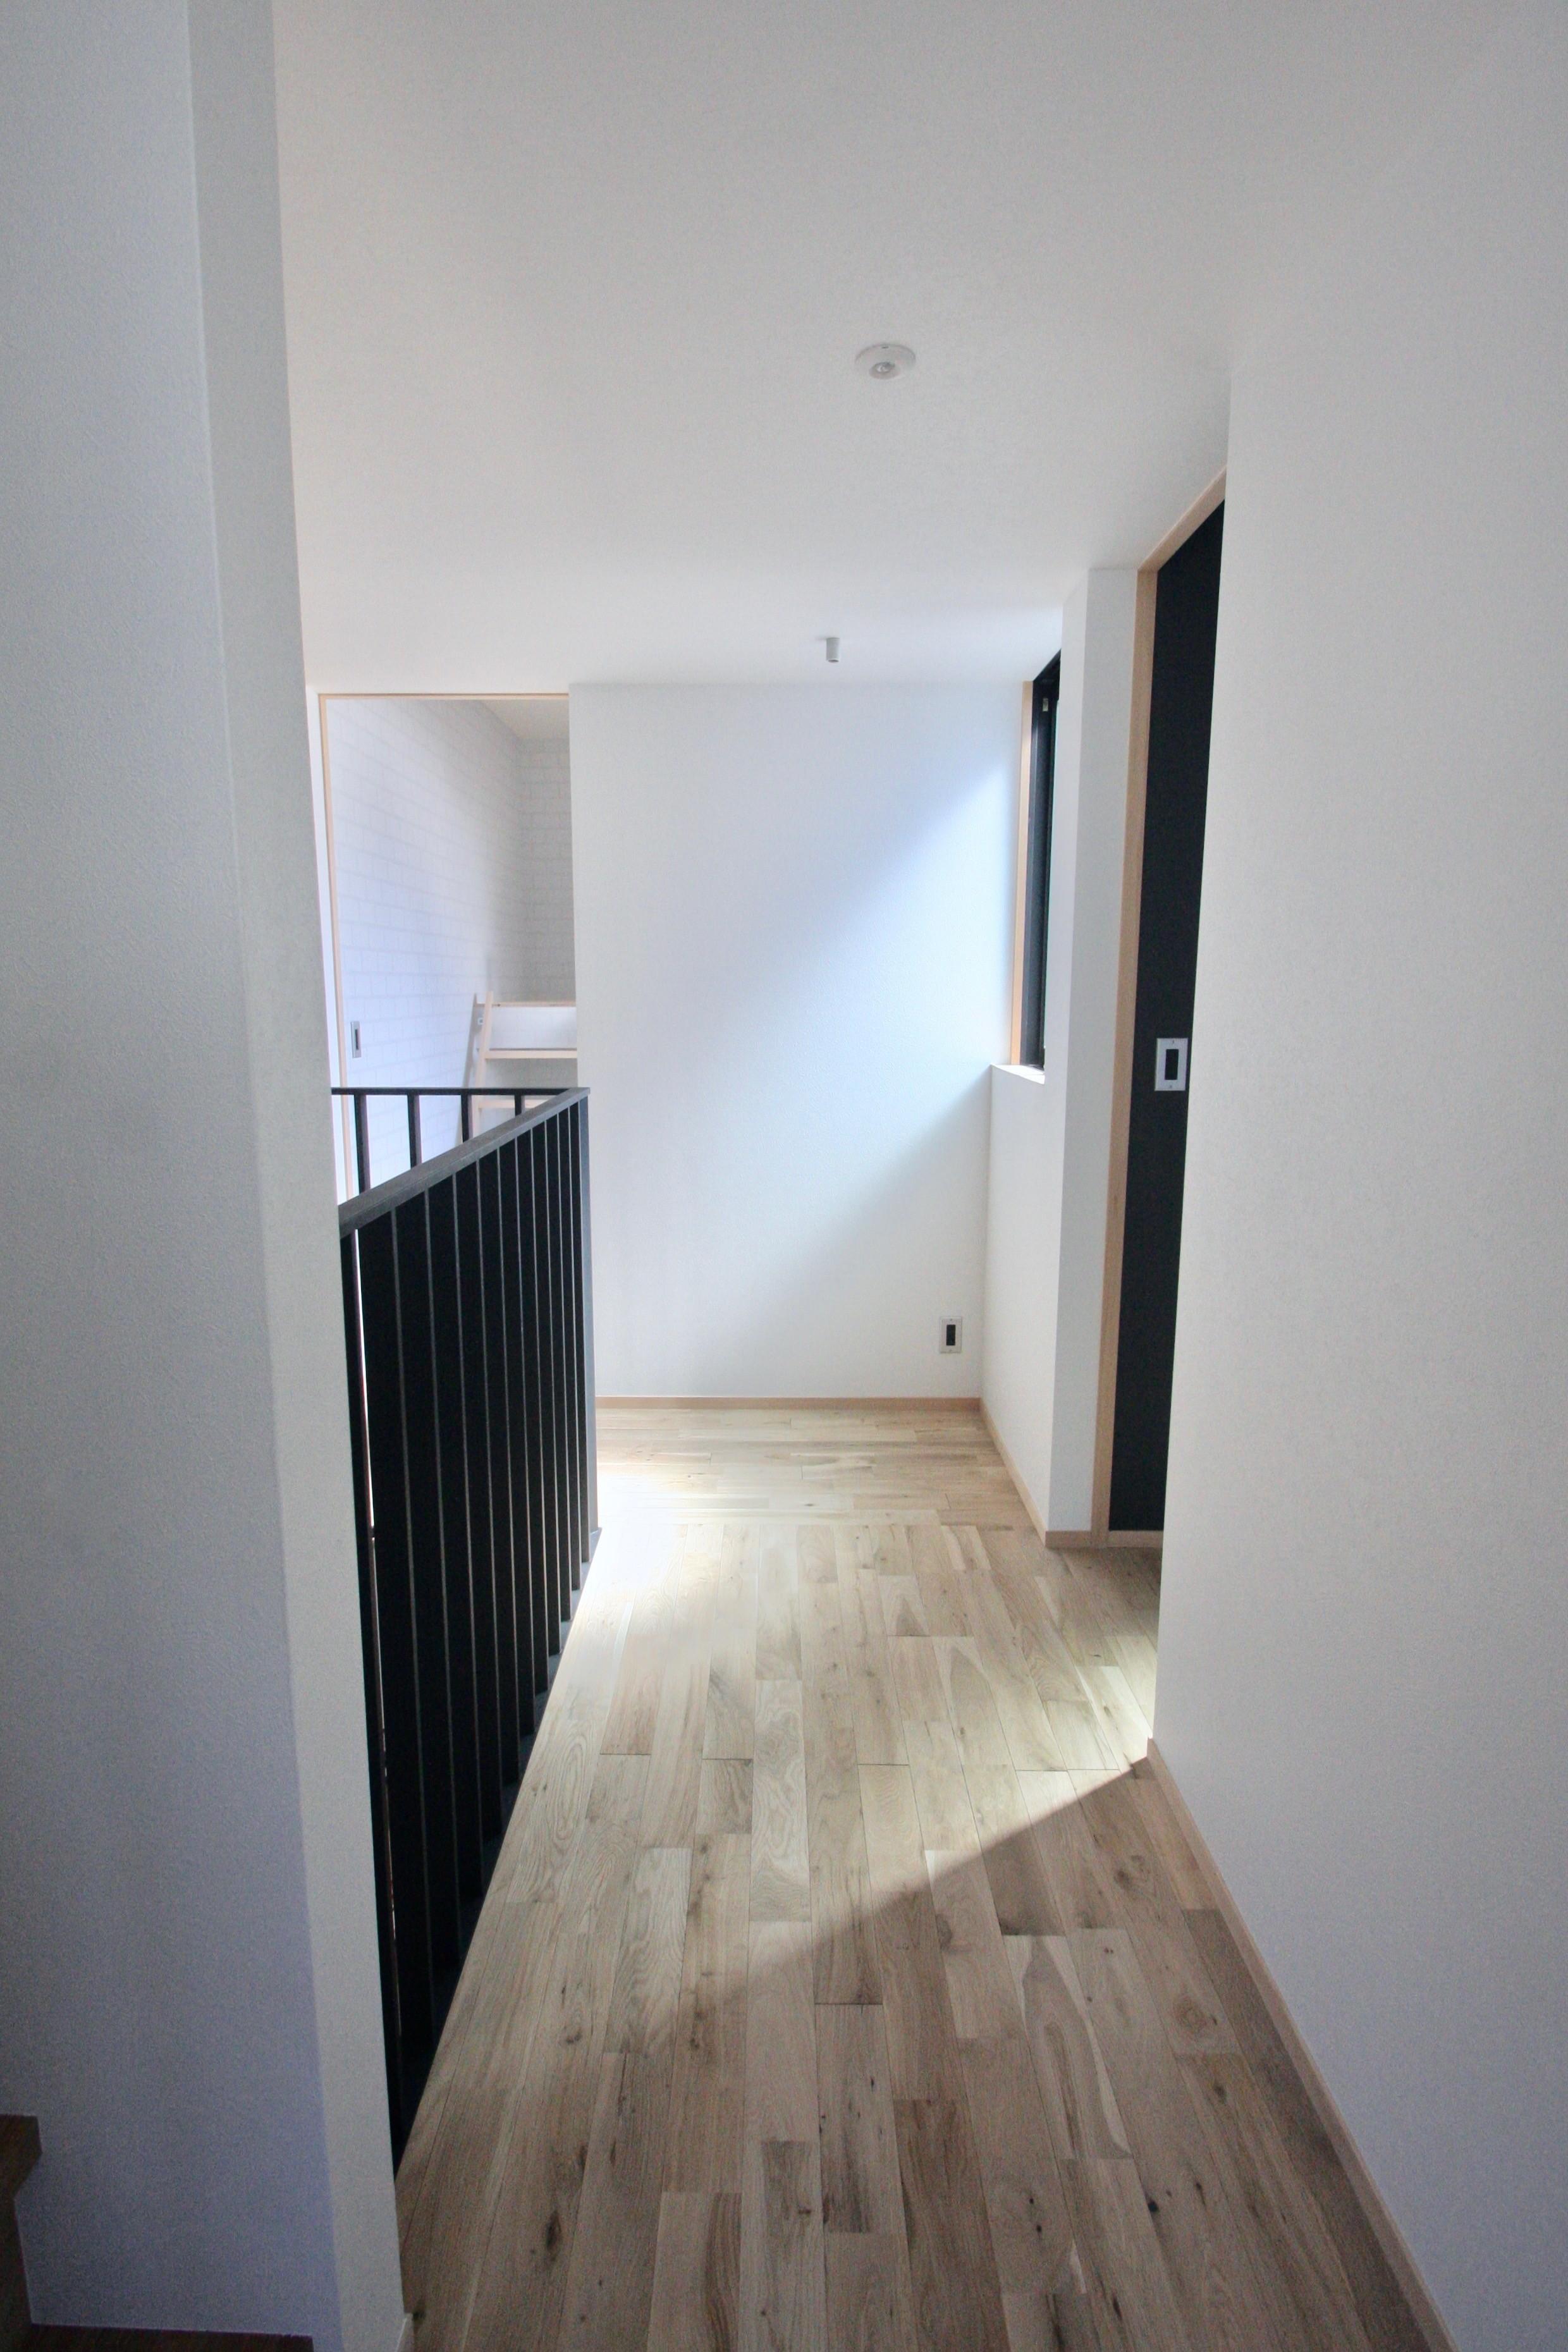 その他事例:2階廊下(三国の住宅:大阪のデザイン住宅 3階建て)